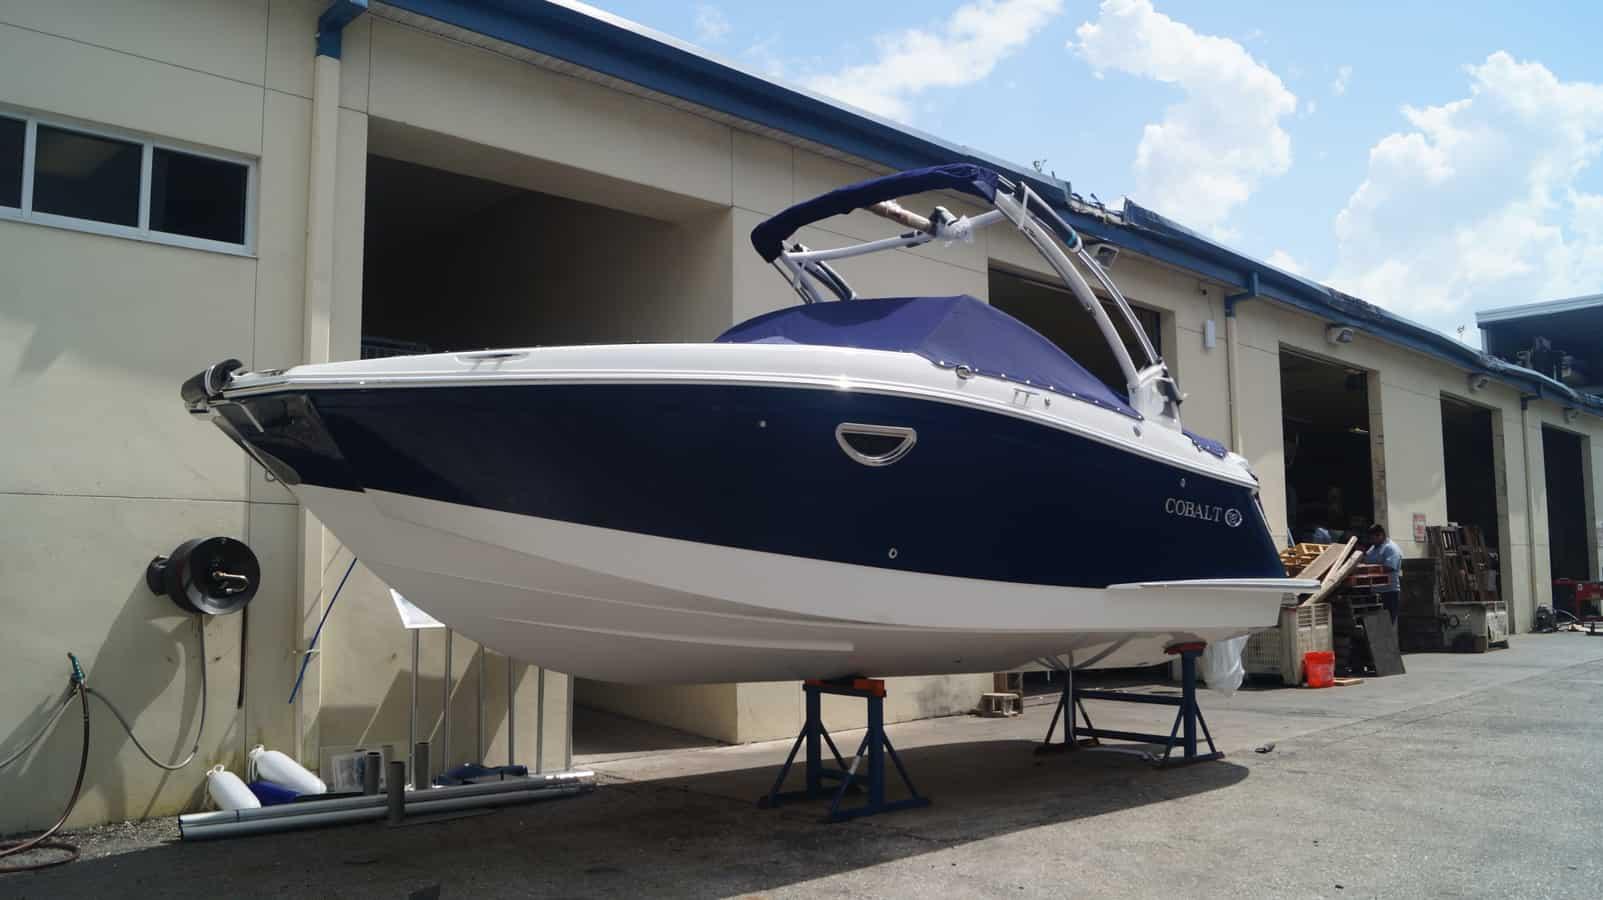 NEW 2019 Cobalt 23SC - Sara Bay Marina